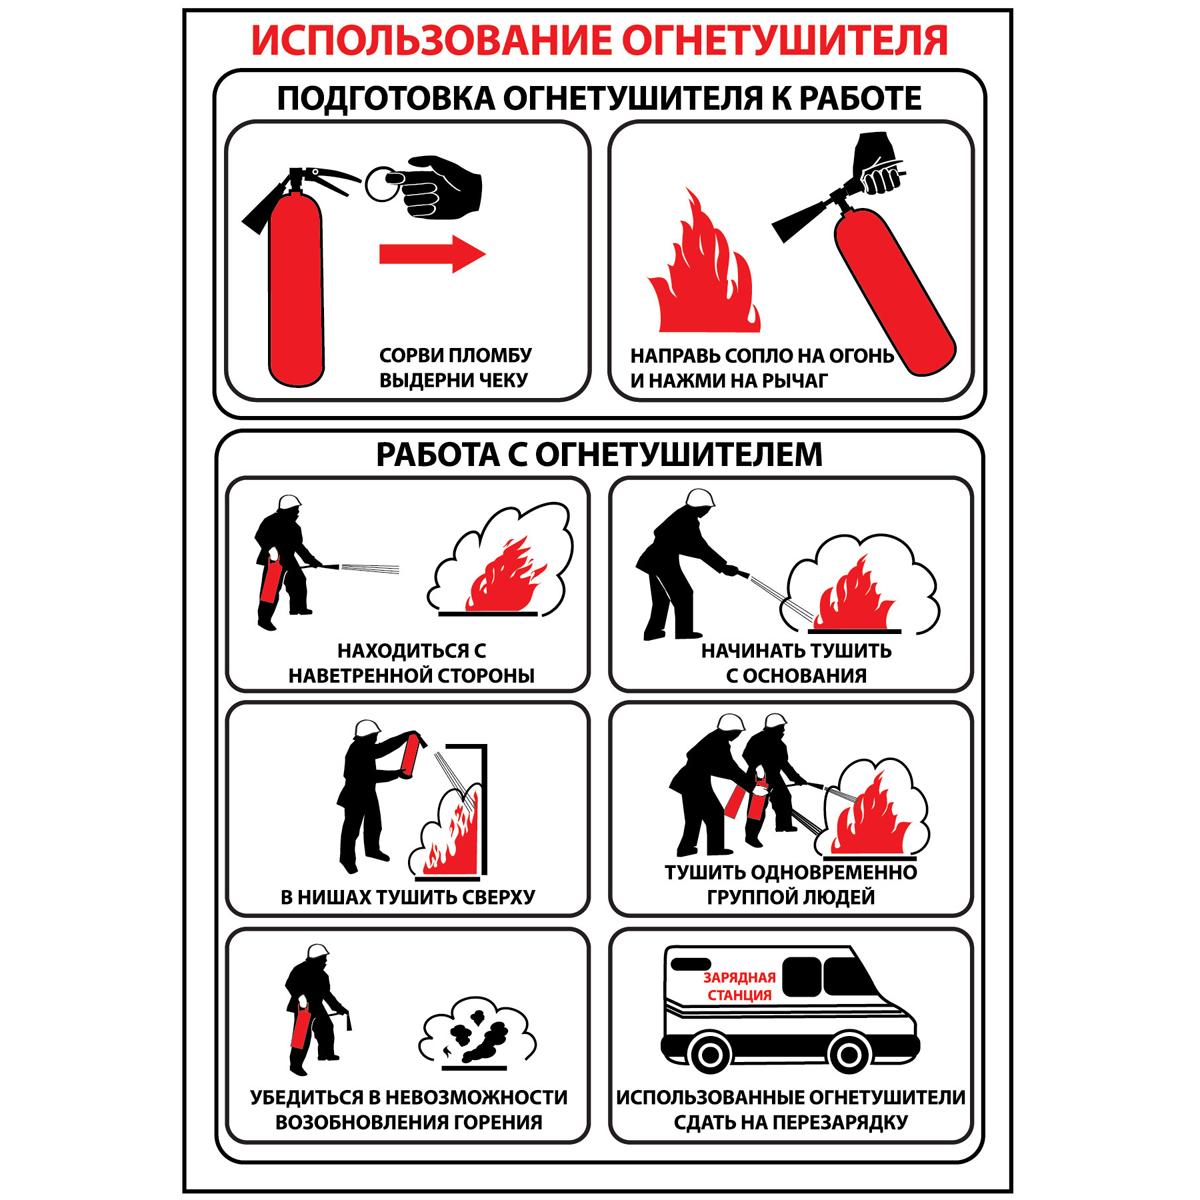 инструкция по применению огнетушителя в картинках животное